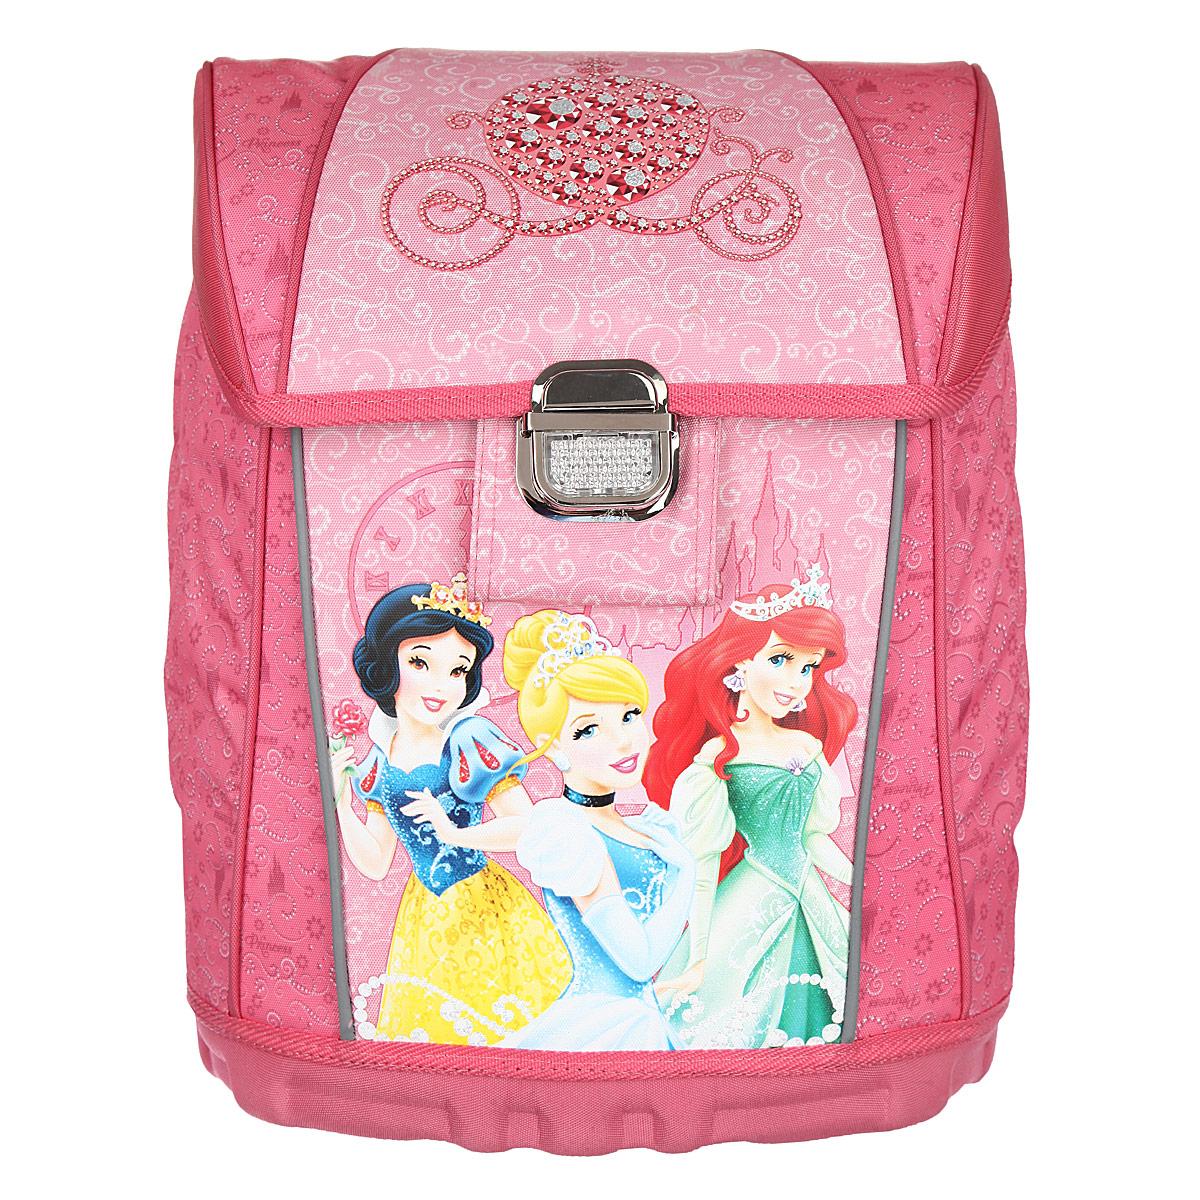 Ранец школьный Disney Princess, цвет: розовый, светло-розовый. 249023905/TG_серыйРанец школьный Disney Princess обязательно привлечет внимание вашей школьницы.Он выполнен из прочного и водонепроницаемого материла розового, светло-розового цветов и оформлен изображением прекрасных принцесс.Содержит одно вместительное отделение, закрывающееся клапаном на замок-защелку. На внутренней части клапана находится прозрачный пластиковый кармашек, в который можно поместить данные о владельце. Внутри отделения имеются две мягкие перегородки для тетрадей или учебников, фиксирующиеся хлястиком на липучке. Одну из перегородок можно использовать для гаджетов. Также внутри отделения имеется брелок для ключей. Клапан полностью откидывается, что существенно облегчает пользование ранцем. Ранец имеет два боковых вертикальных кармана на молнии. Прочный каркас дна и боковых стенок ранца надежно защищает наполнение ранца от механических повреждений. Ортопедическая спинка равномерно распределяет нагрузку на плечевые суставы и спину. Конструкция спинки дополнена эргономичными подушечками, противоскользящей сеточкой и системой вентиляции для предотвращения запотевания спины ребенка. Мягкие широкие лямки позволяют легко и быстро отрегулировать рюкзак в соответствии с ростом. Ранец оснащен эргономичной ручкой для удобной переноски в руке. Благодаря прочному высокому дну ранец хорошо устойчив и защищен от загрязнений. Светоотражающие элементы обеспечивают дополнительную безопасность в темное время суток.Многофункциональный школьный ранец станет незаменимым спутником вашего ребенка в походах за знаниями.Вес ранца без наполнения: 1 кг.Рекомендуемый возраст: от 7 лет.